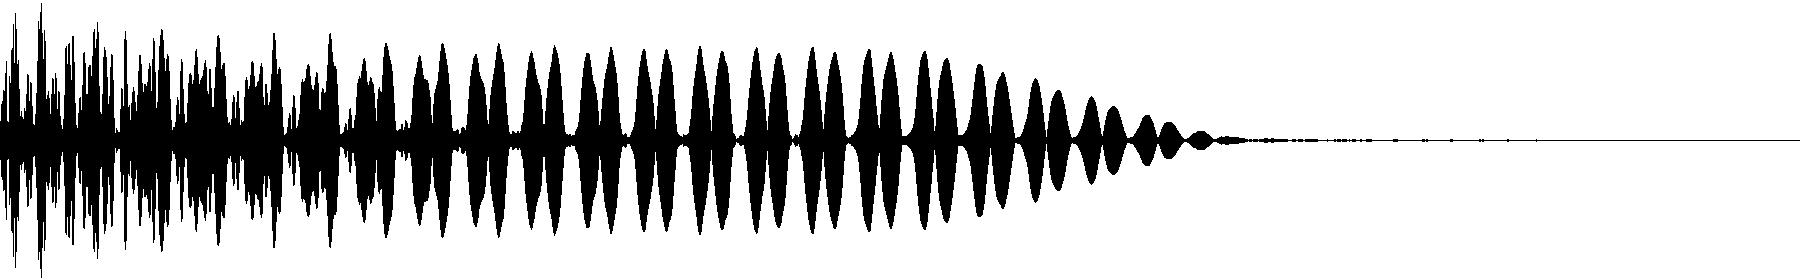 vedh bass cut 043 f